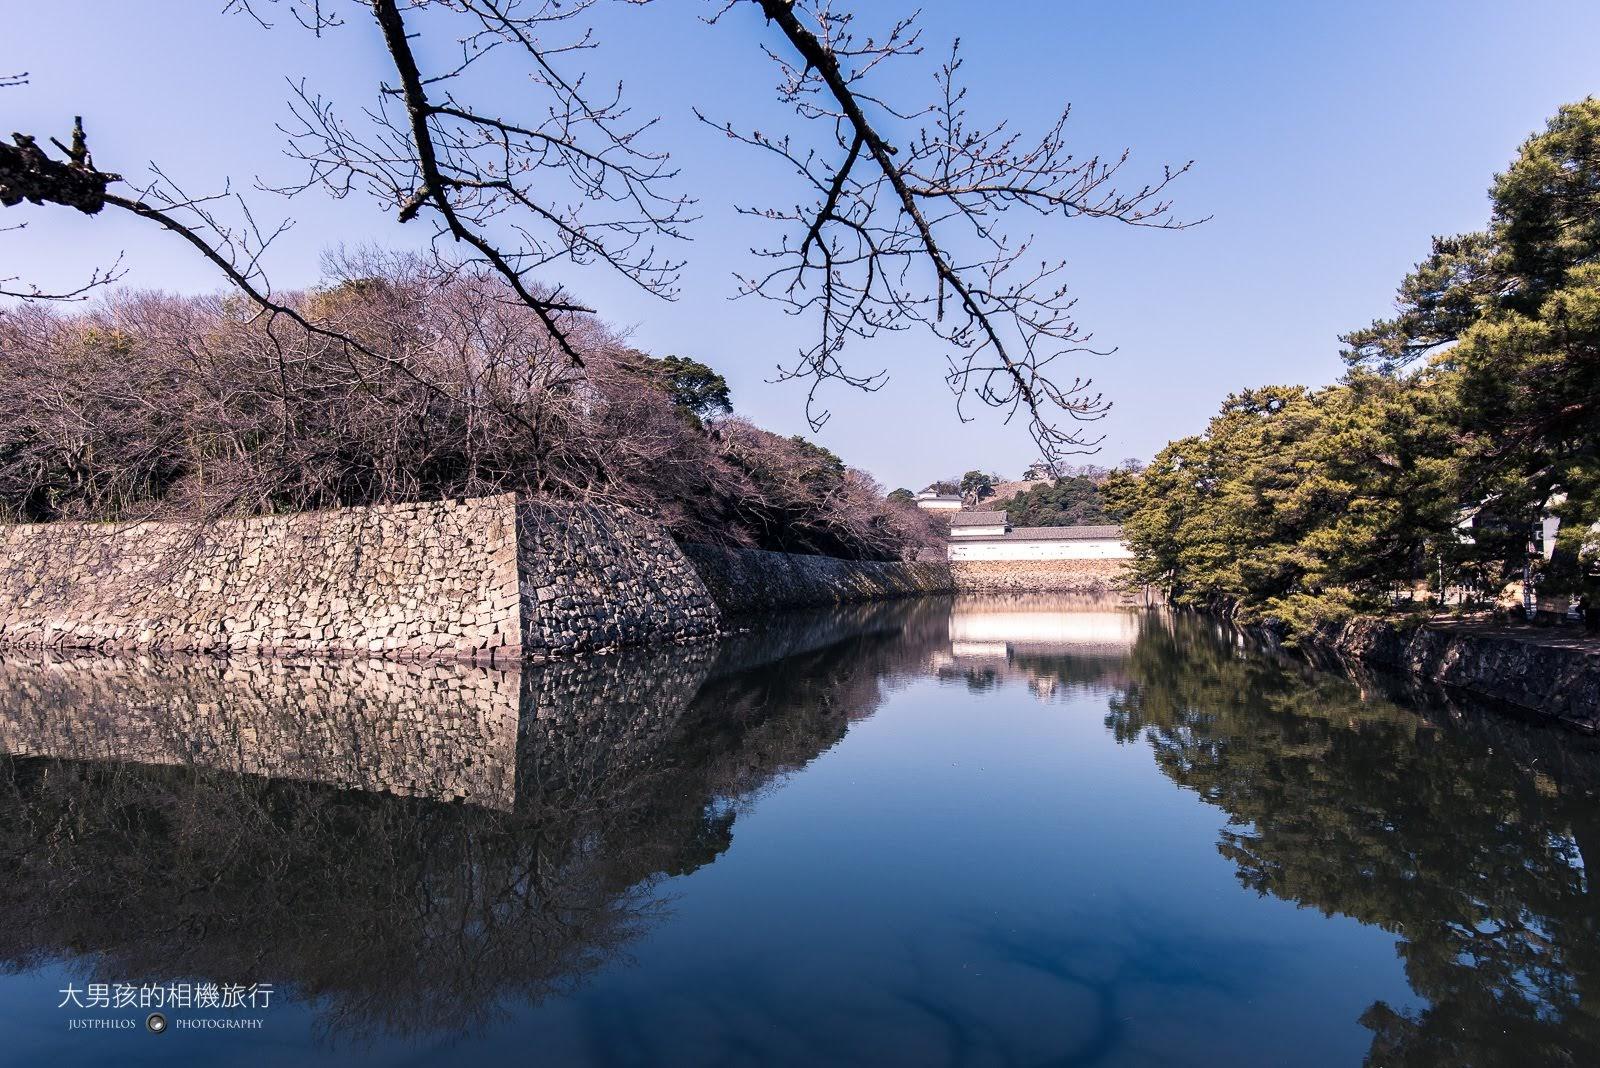 彥根城的護城河與外牆,這邊是著名的彥根城賞櫻拍照點。